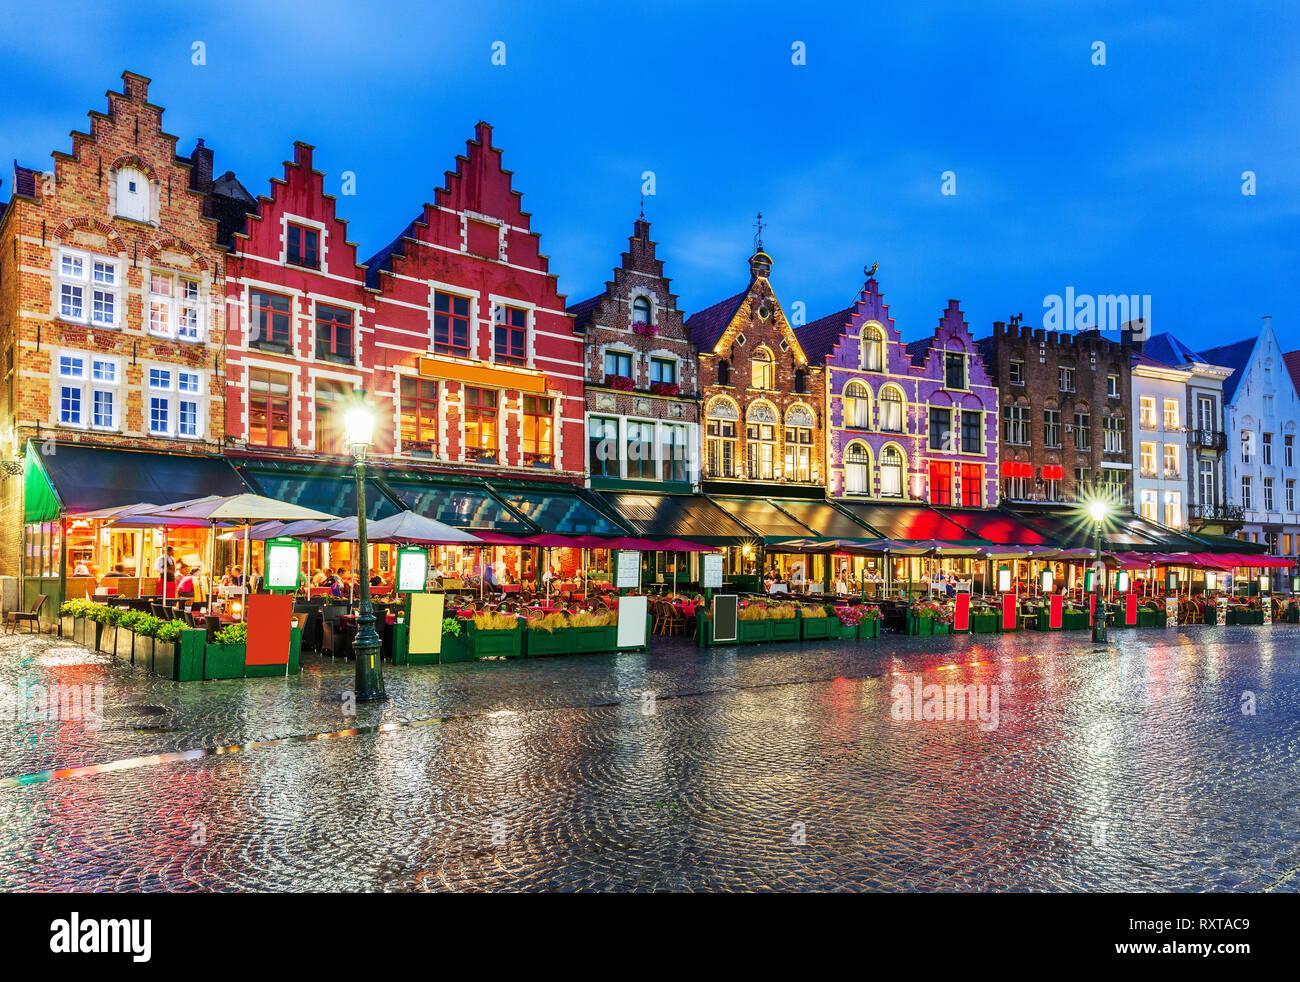 Bruges, Belgium. Grote Markt square at night. - Stock Image